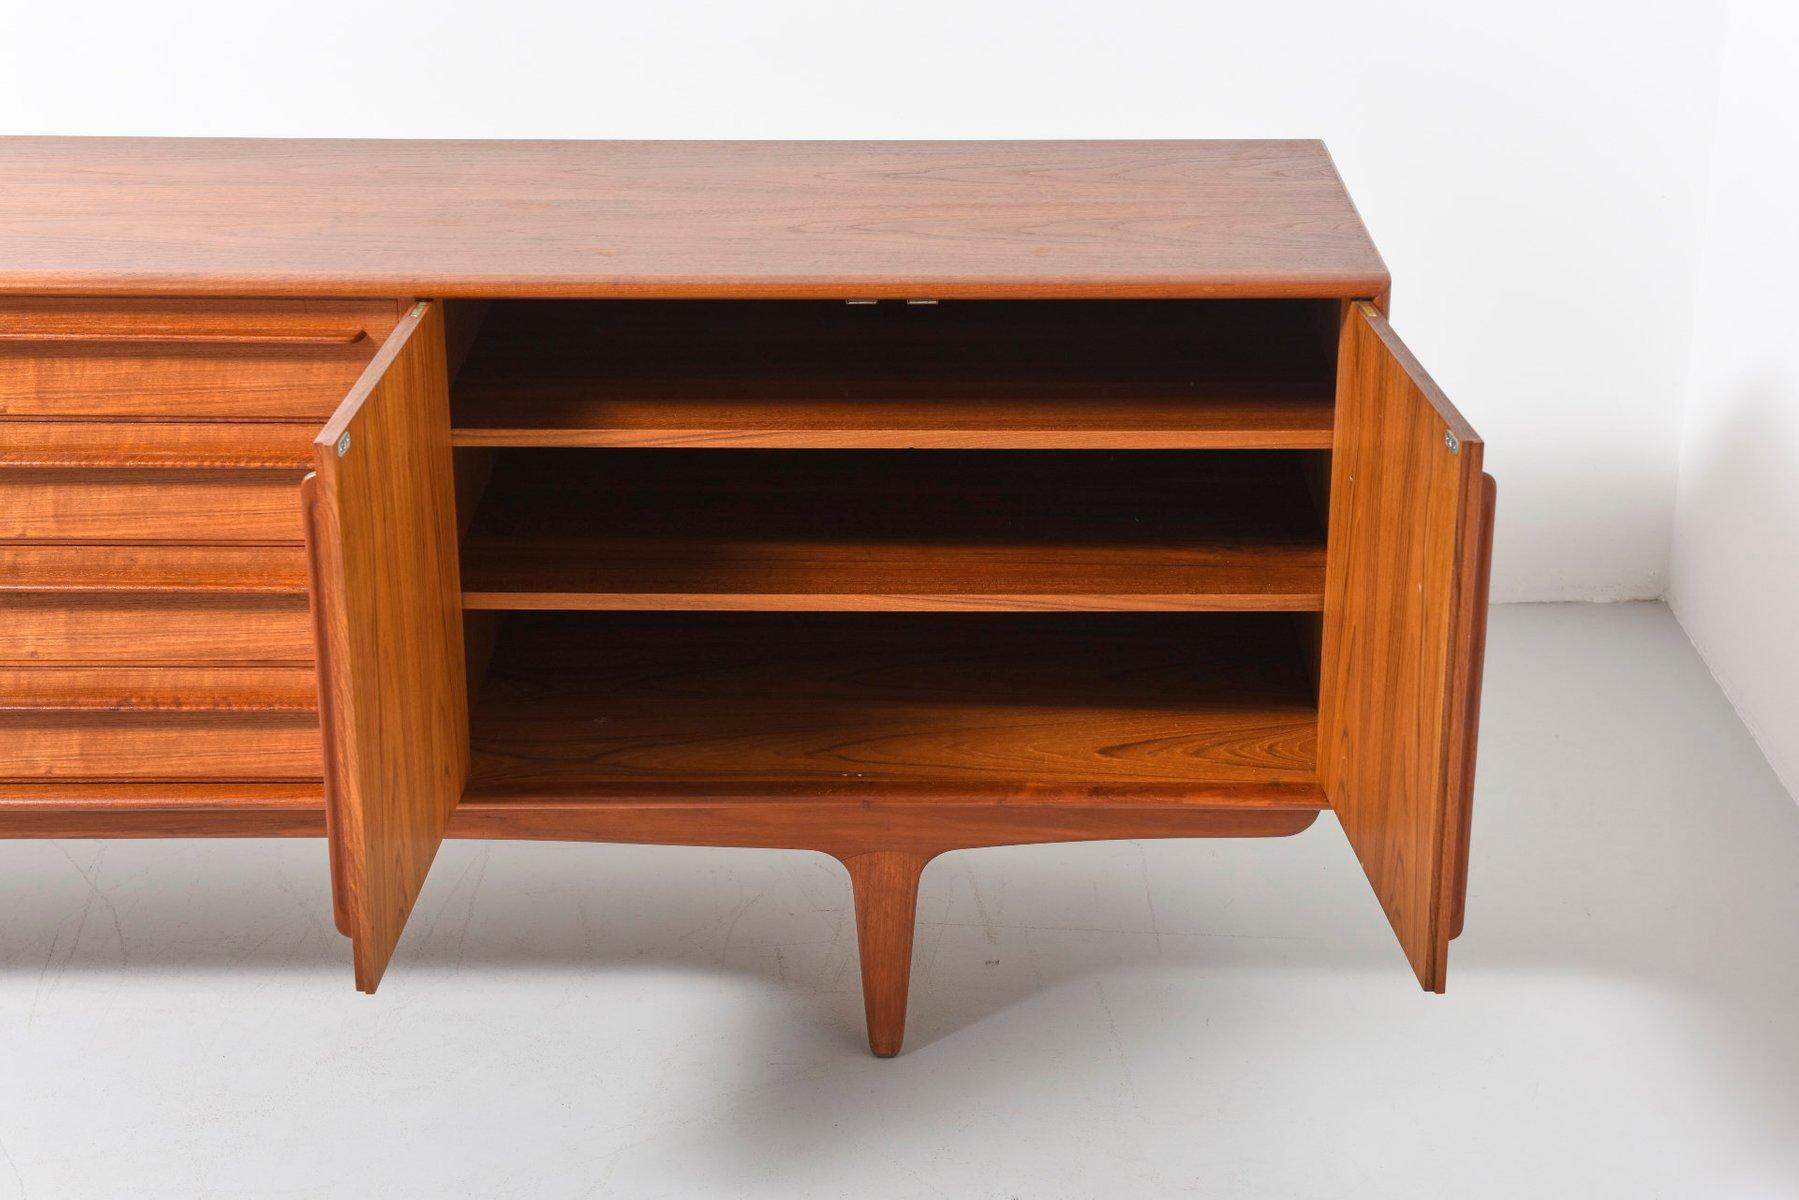 gro es d nisches sideboard aus teak bei pamono kaufen. Black Bedroom Furniture Sets. Home Design Ideas